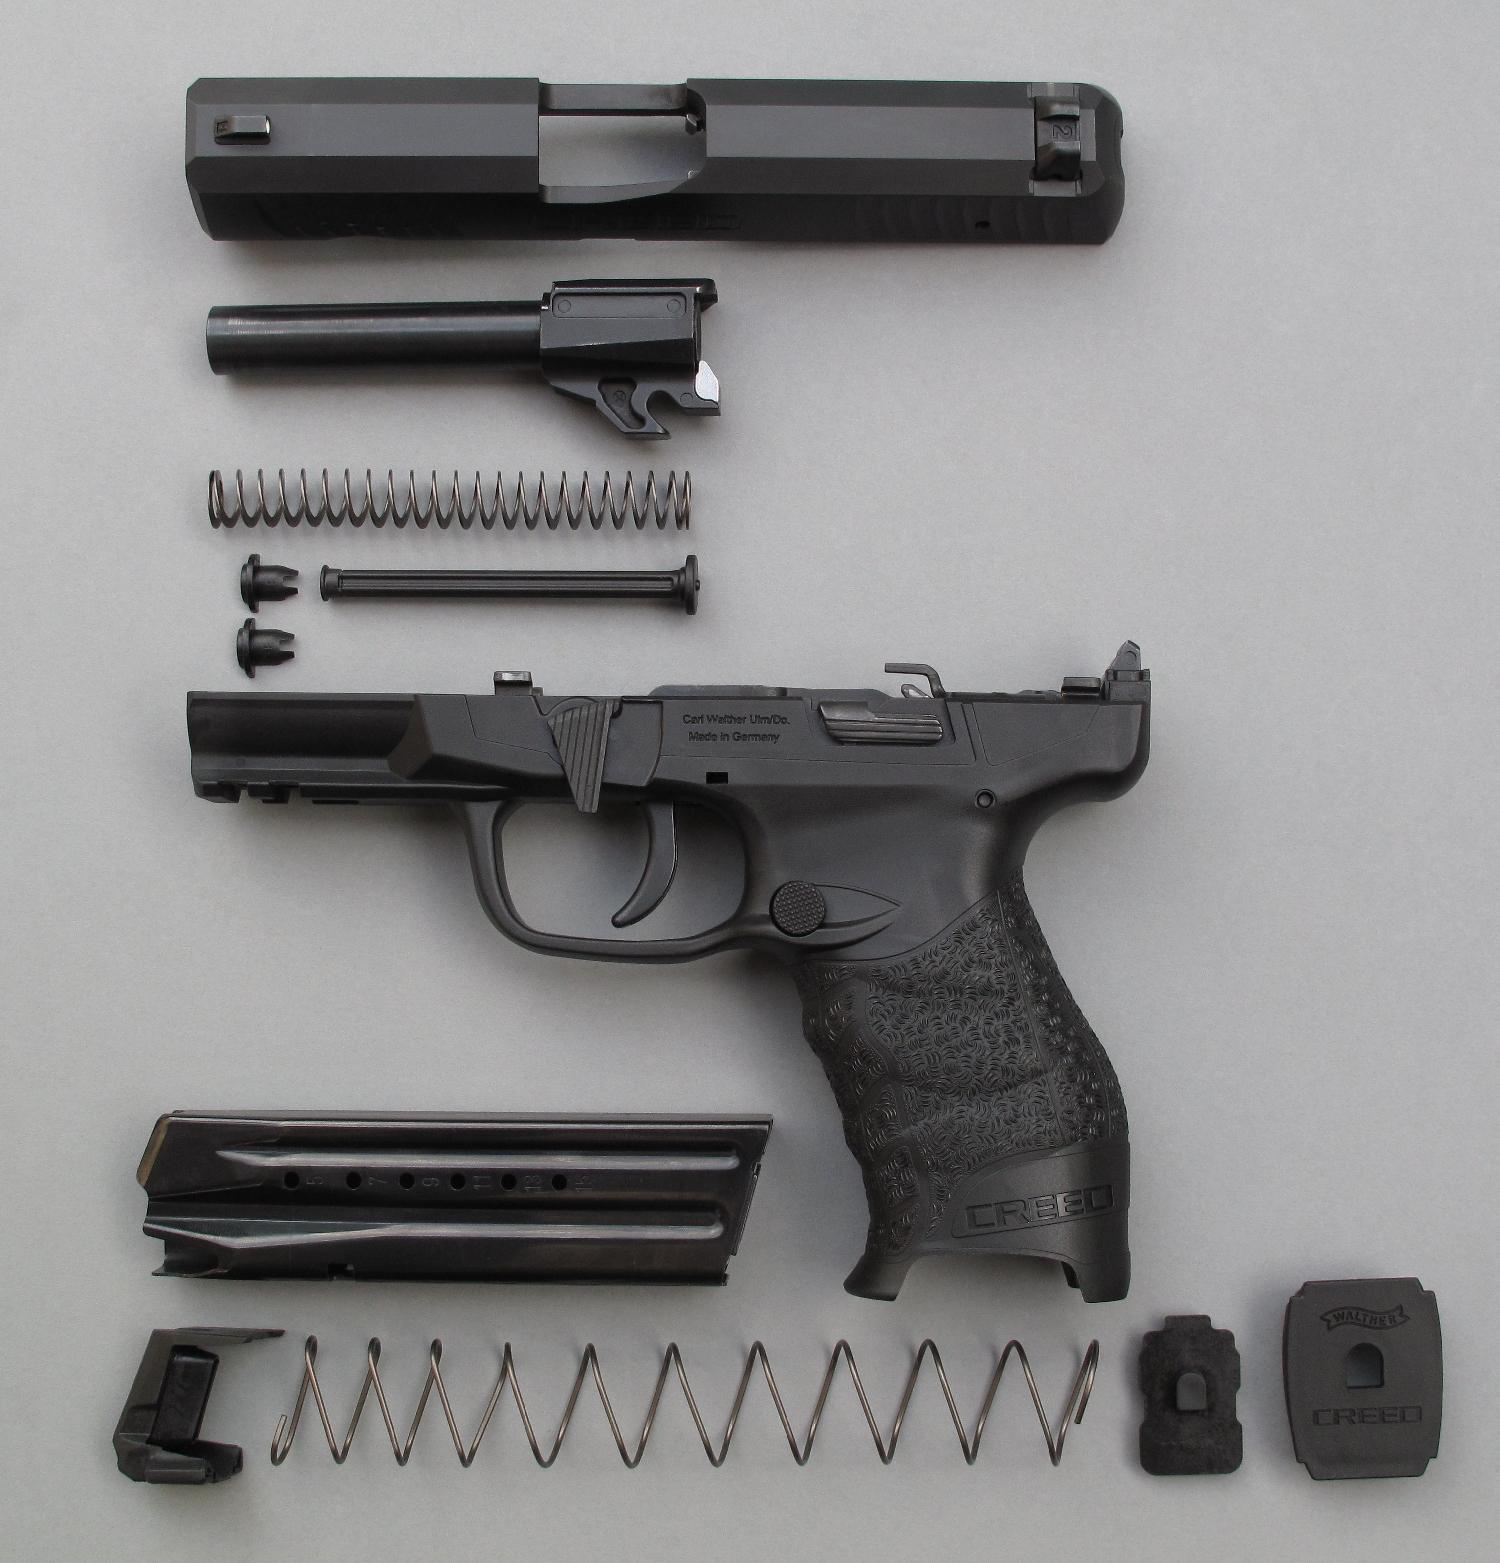 Démontage sommaire de l'arme, incluant celui du chargeur et du ressort récupérateur.